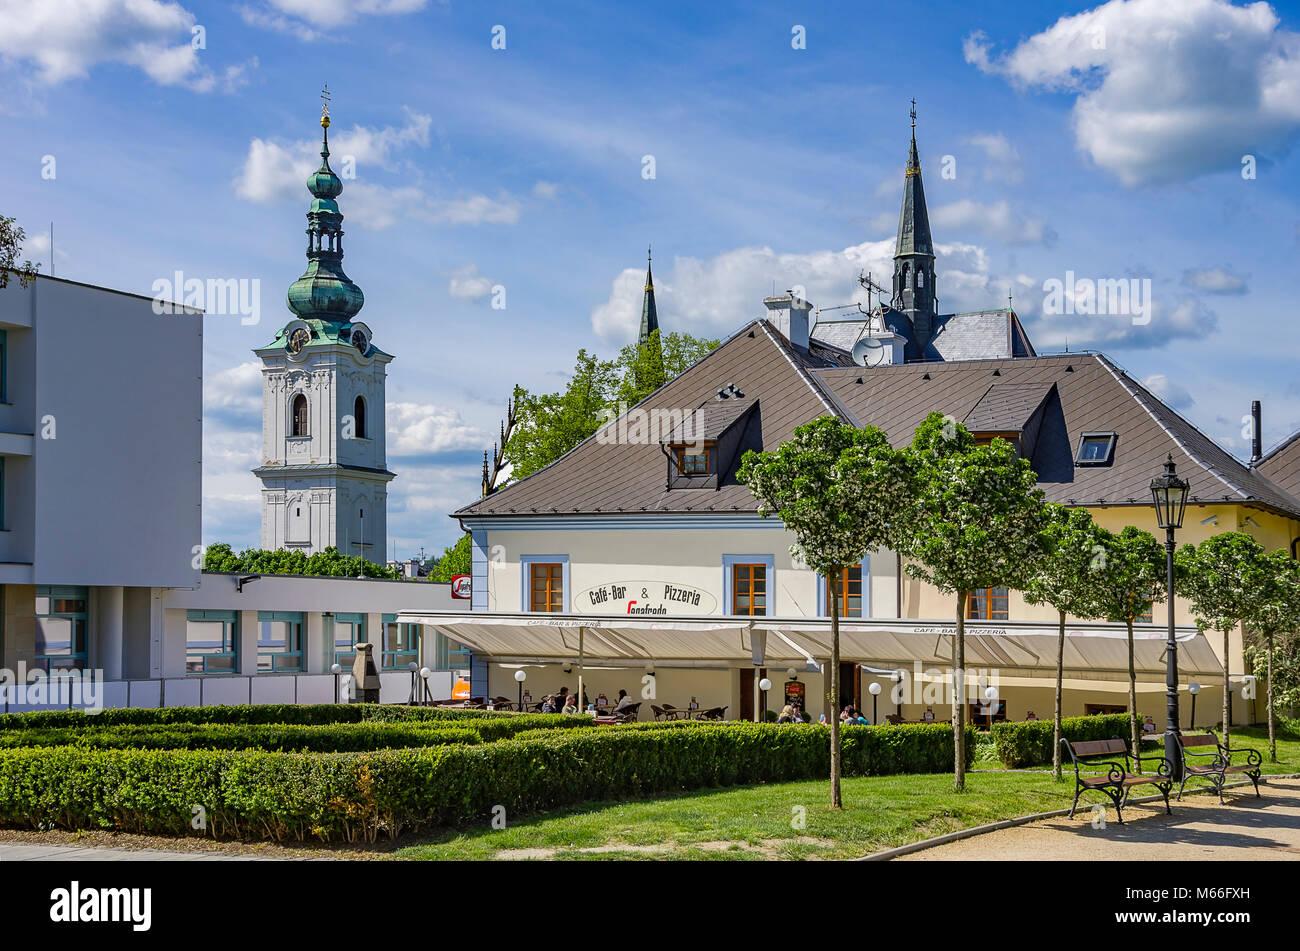 Klatovy, Tschechien - Street Scene und Weißen Turm in der Altstadt. Stockbild